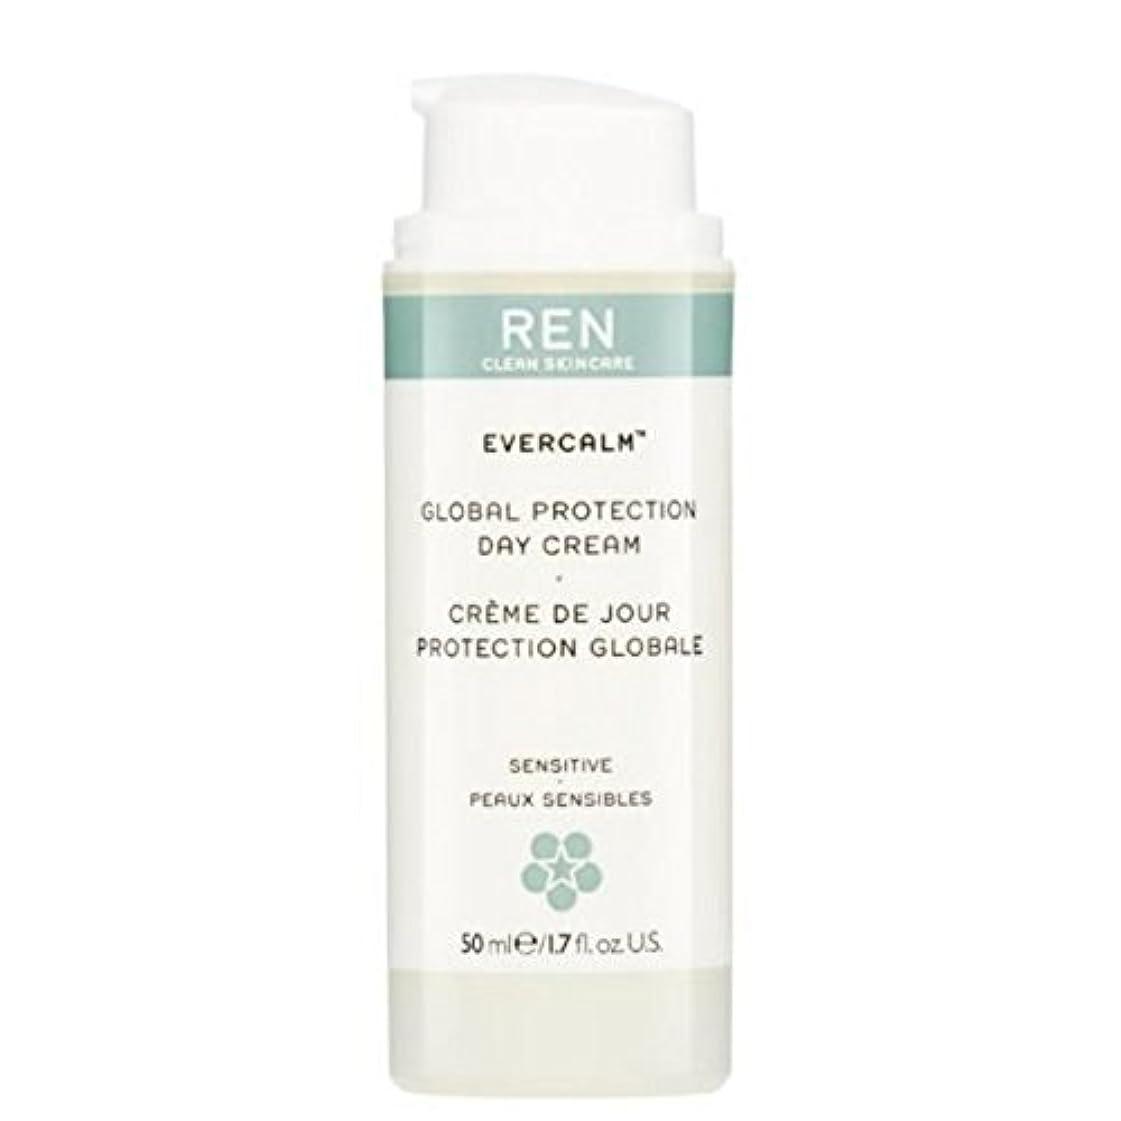 故障誤って批判的にグローバルプロテクションデイクリーム x2 - REN Evercalm Global Protection Day Cream (Pack of 2) [並行輸入品]